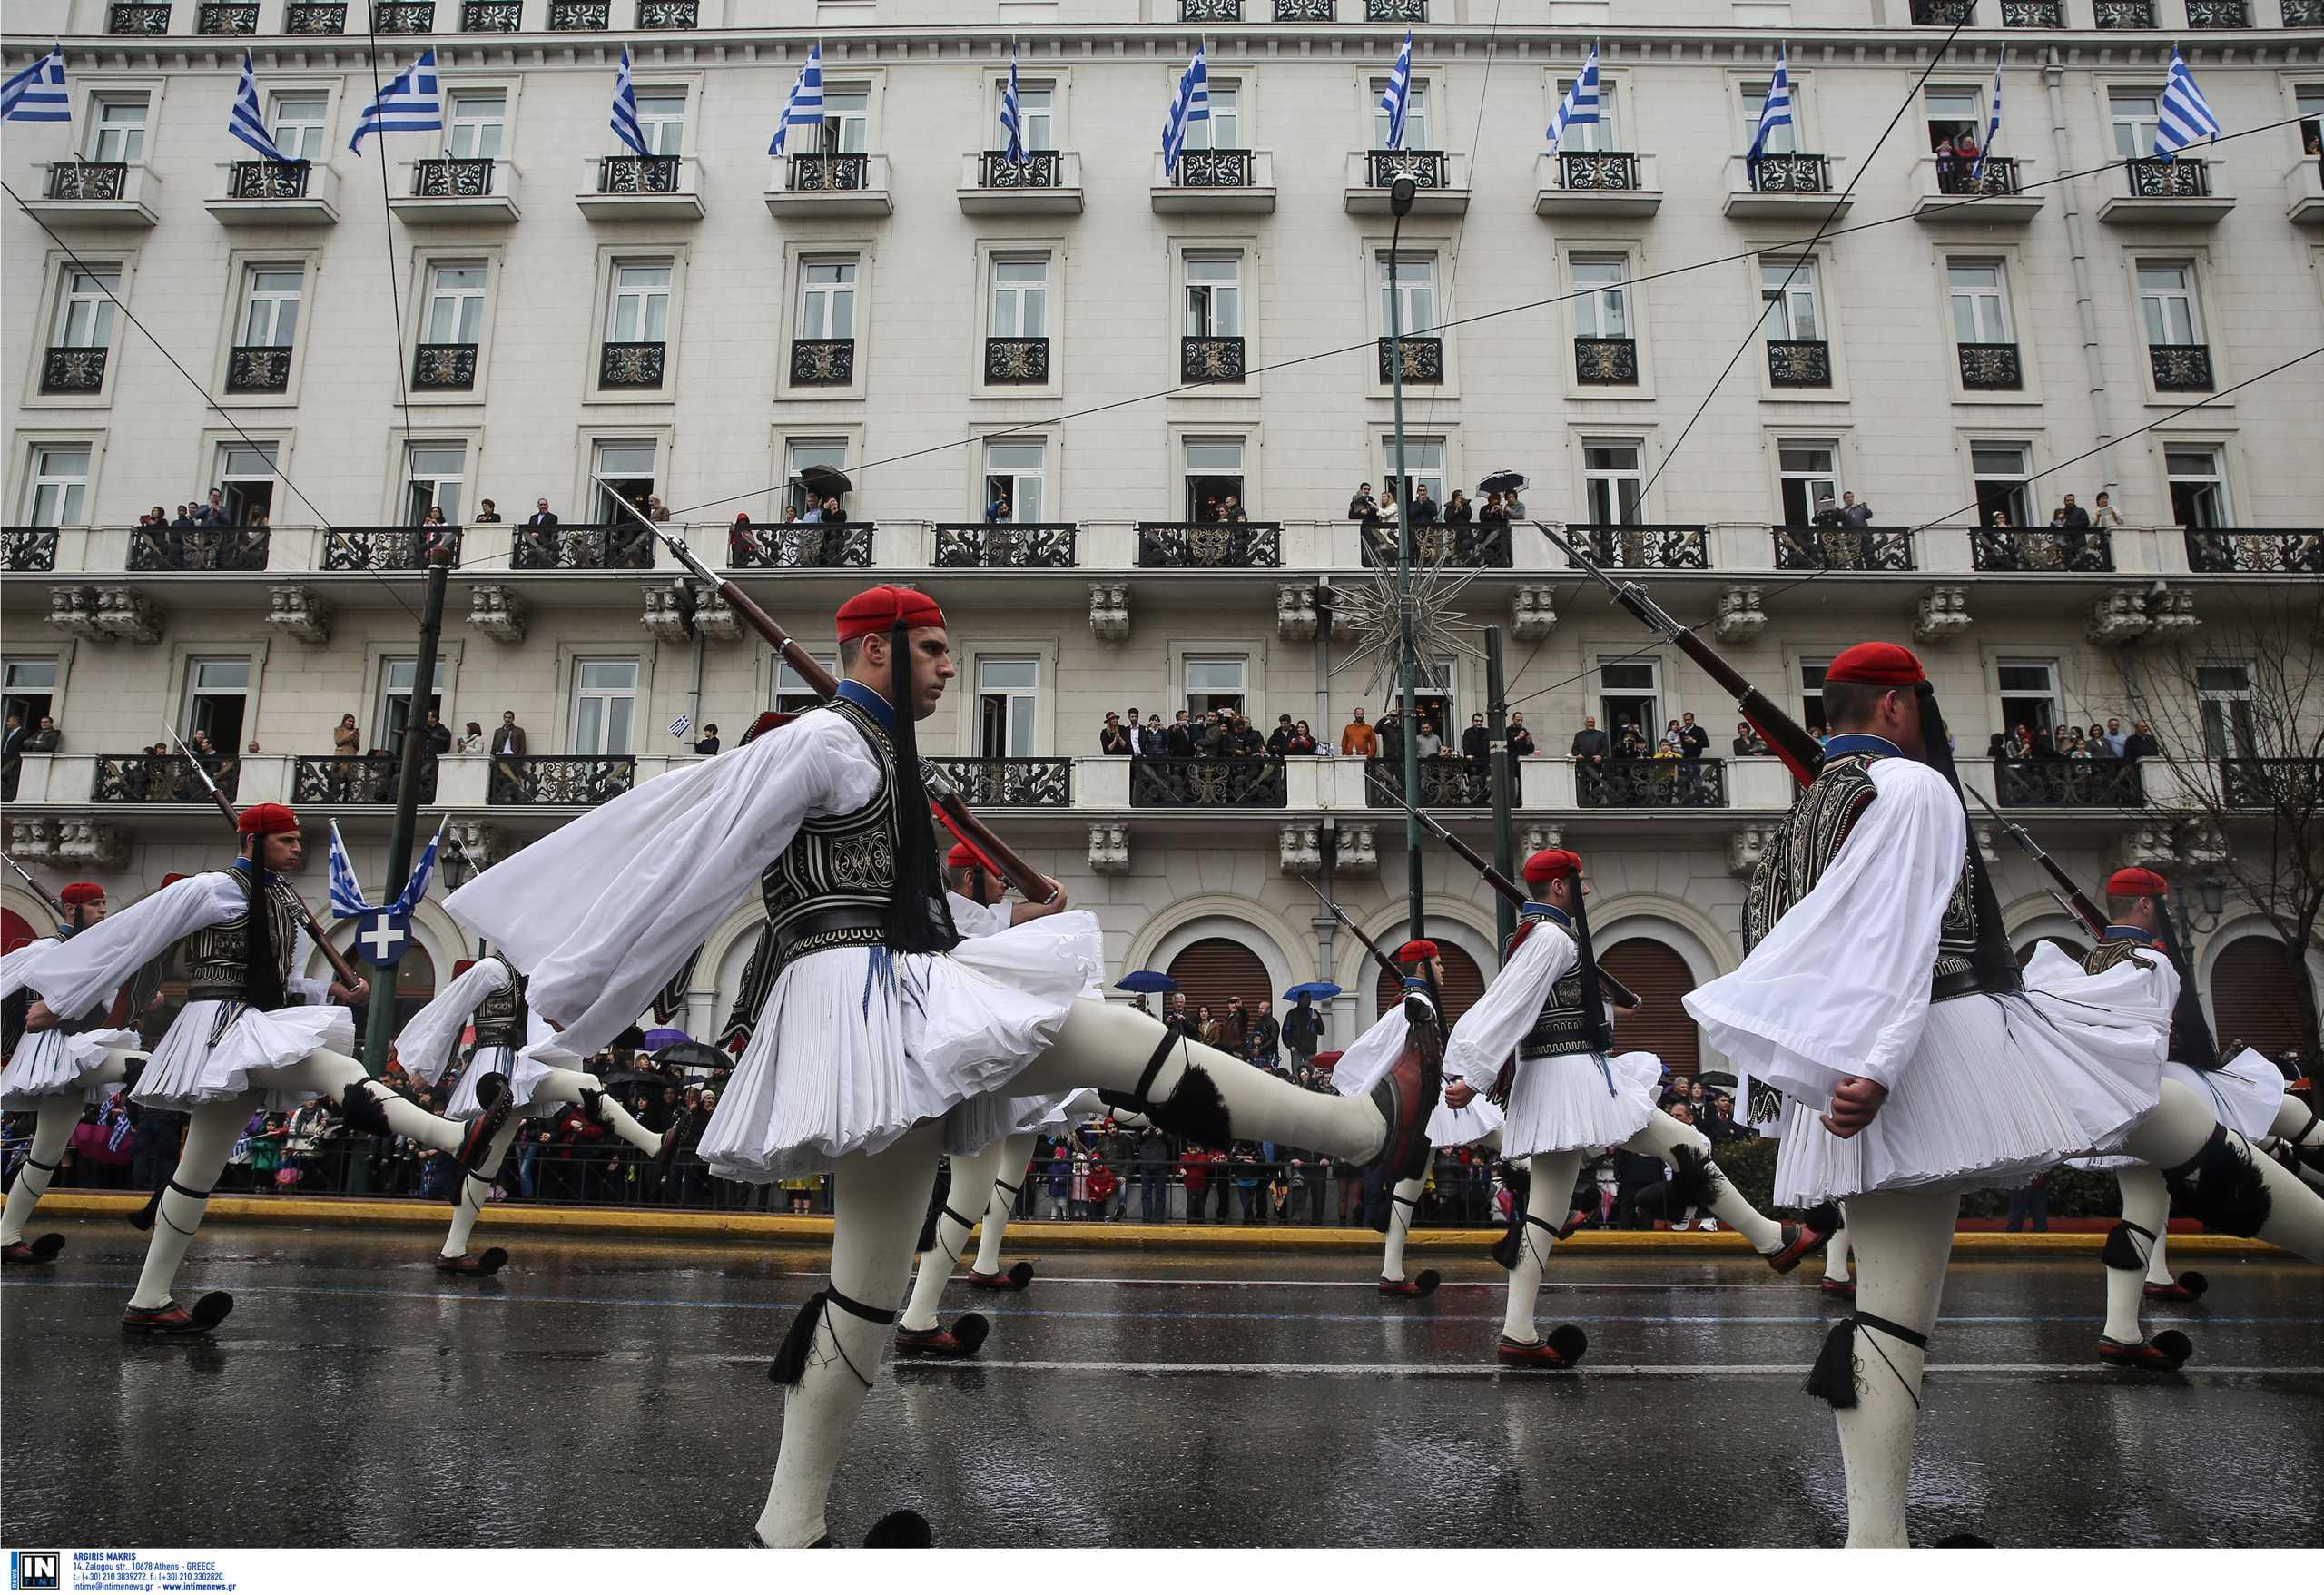 Πως θα γιορταστεί η 25η Μαρτίου: Δια χειρός Λαζάρου το μενού της δεξίωσης στο Προεδρικό